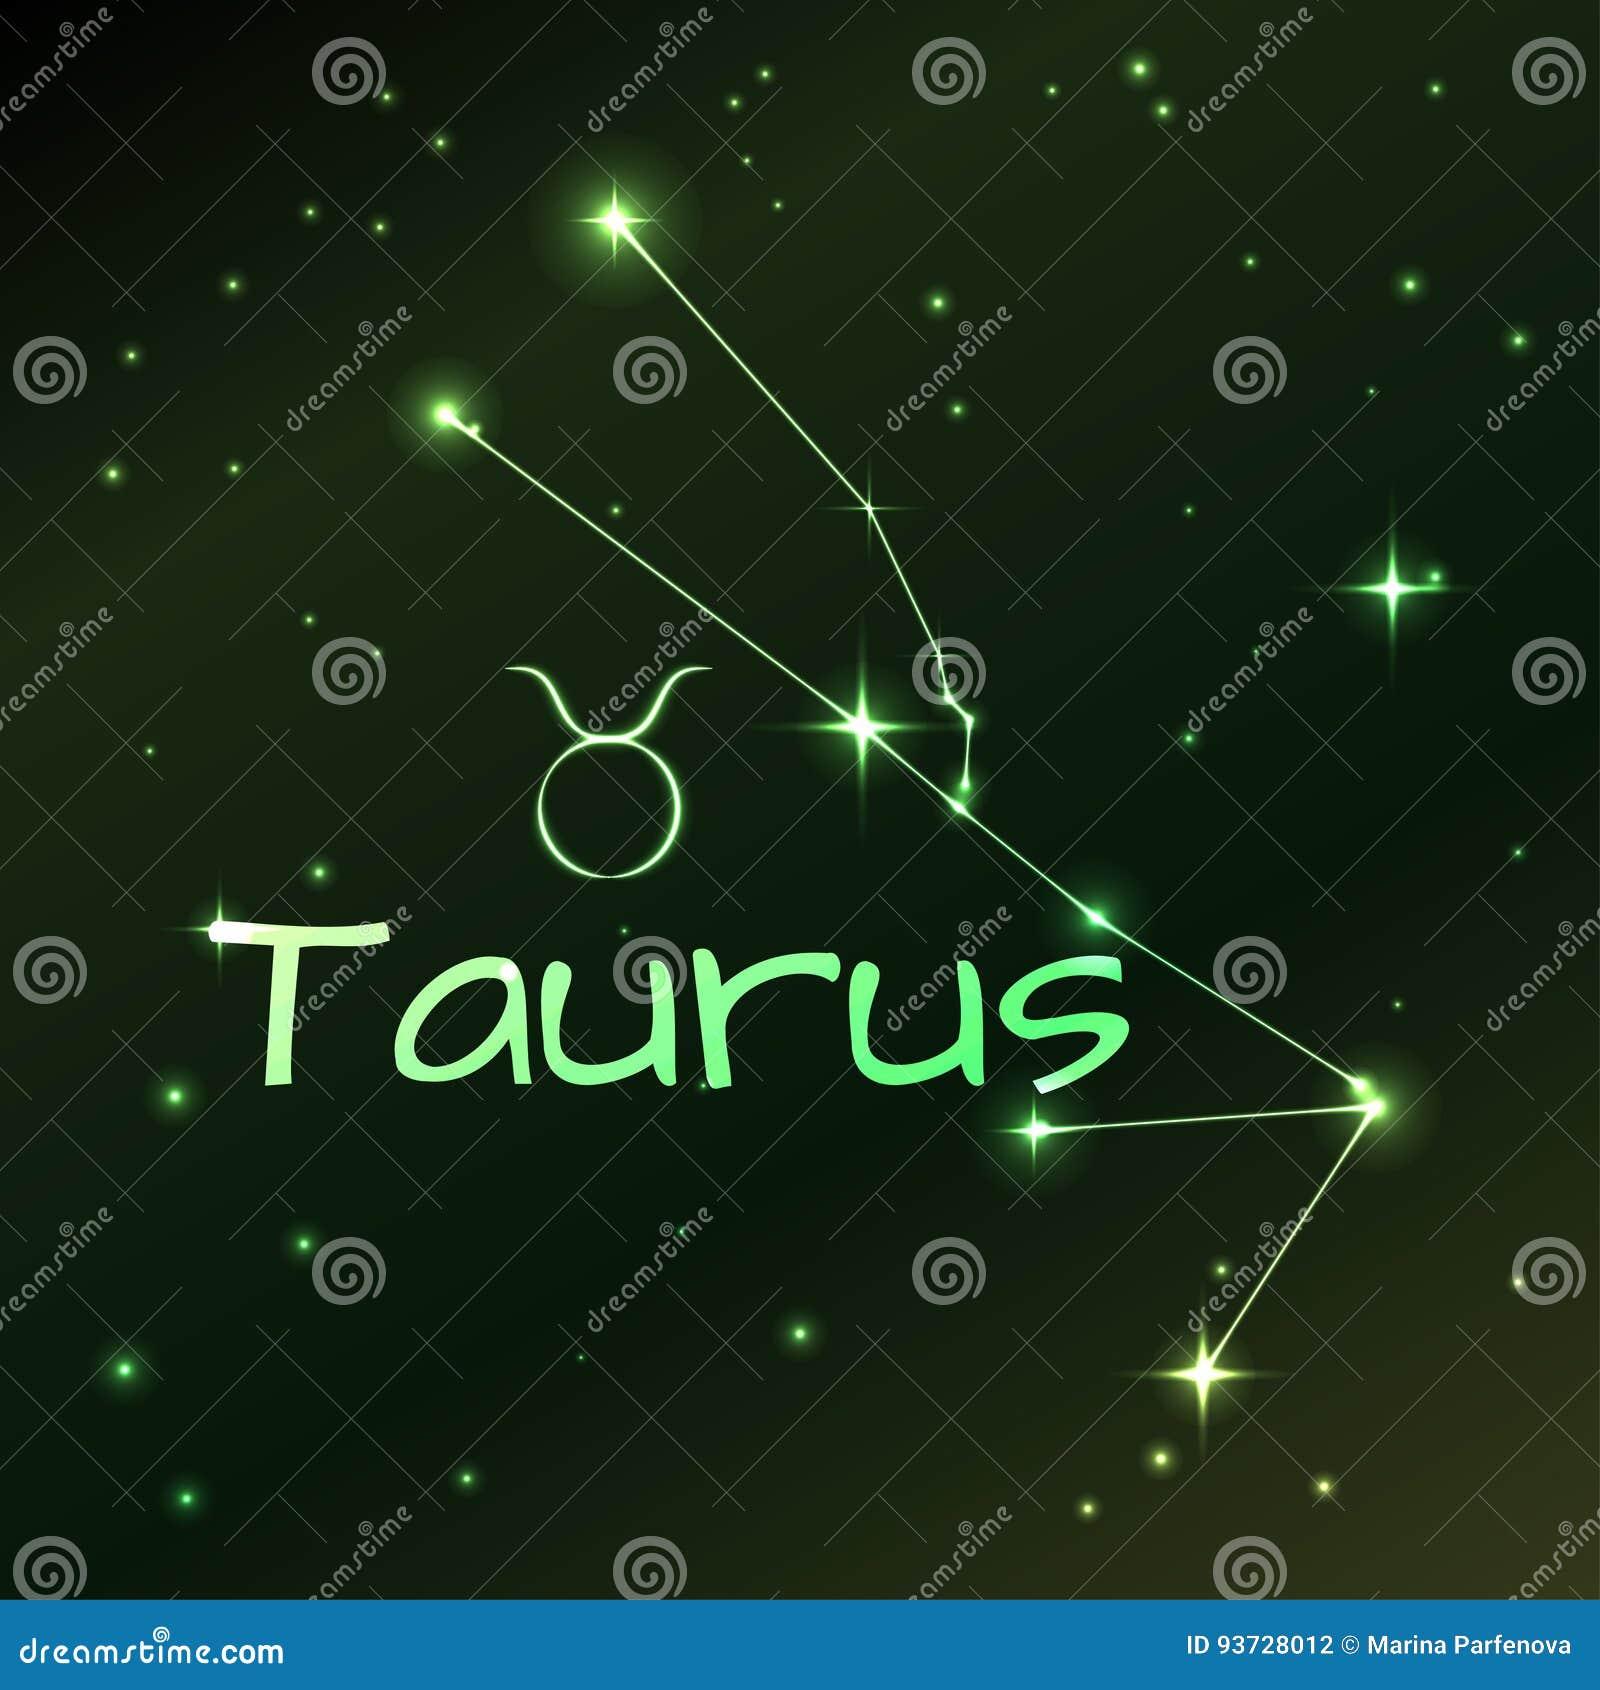 Horoscope: Taurus, star sign 26